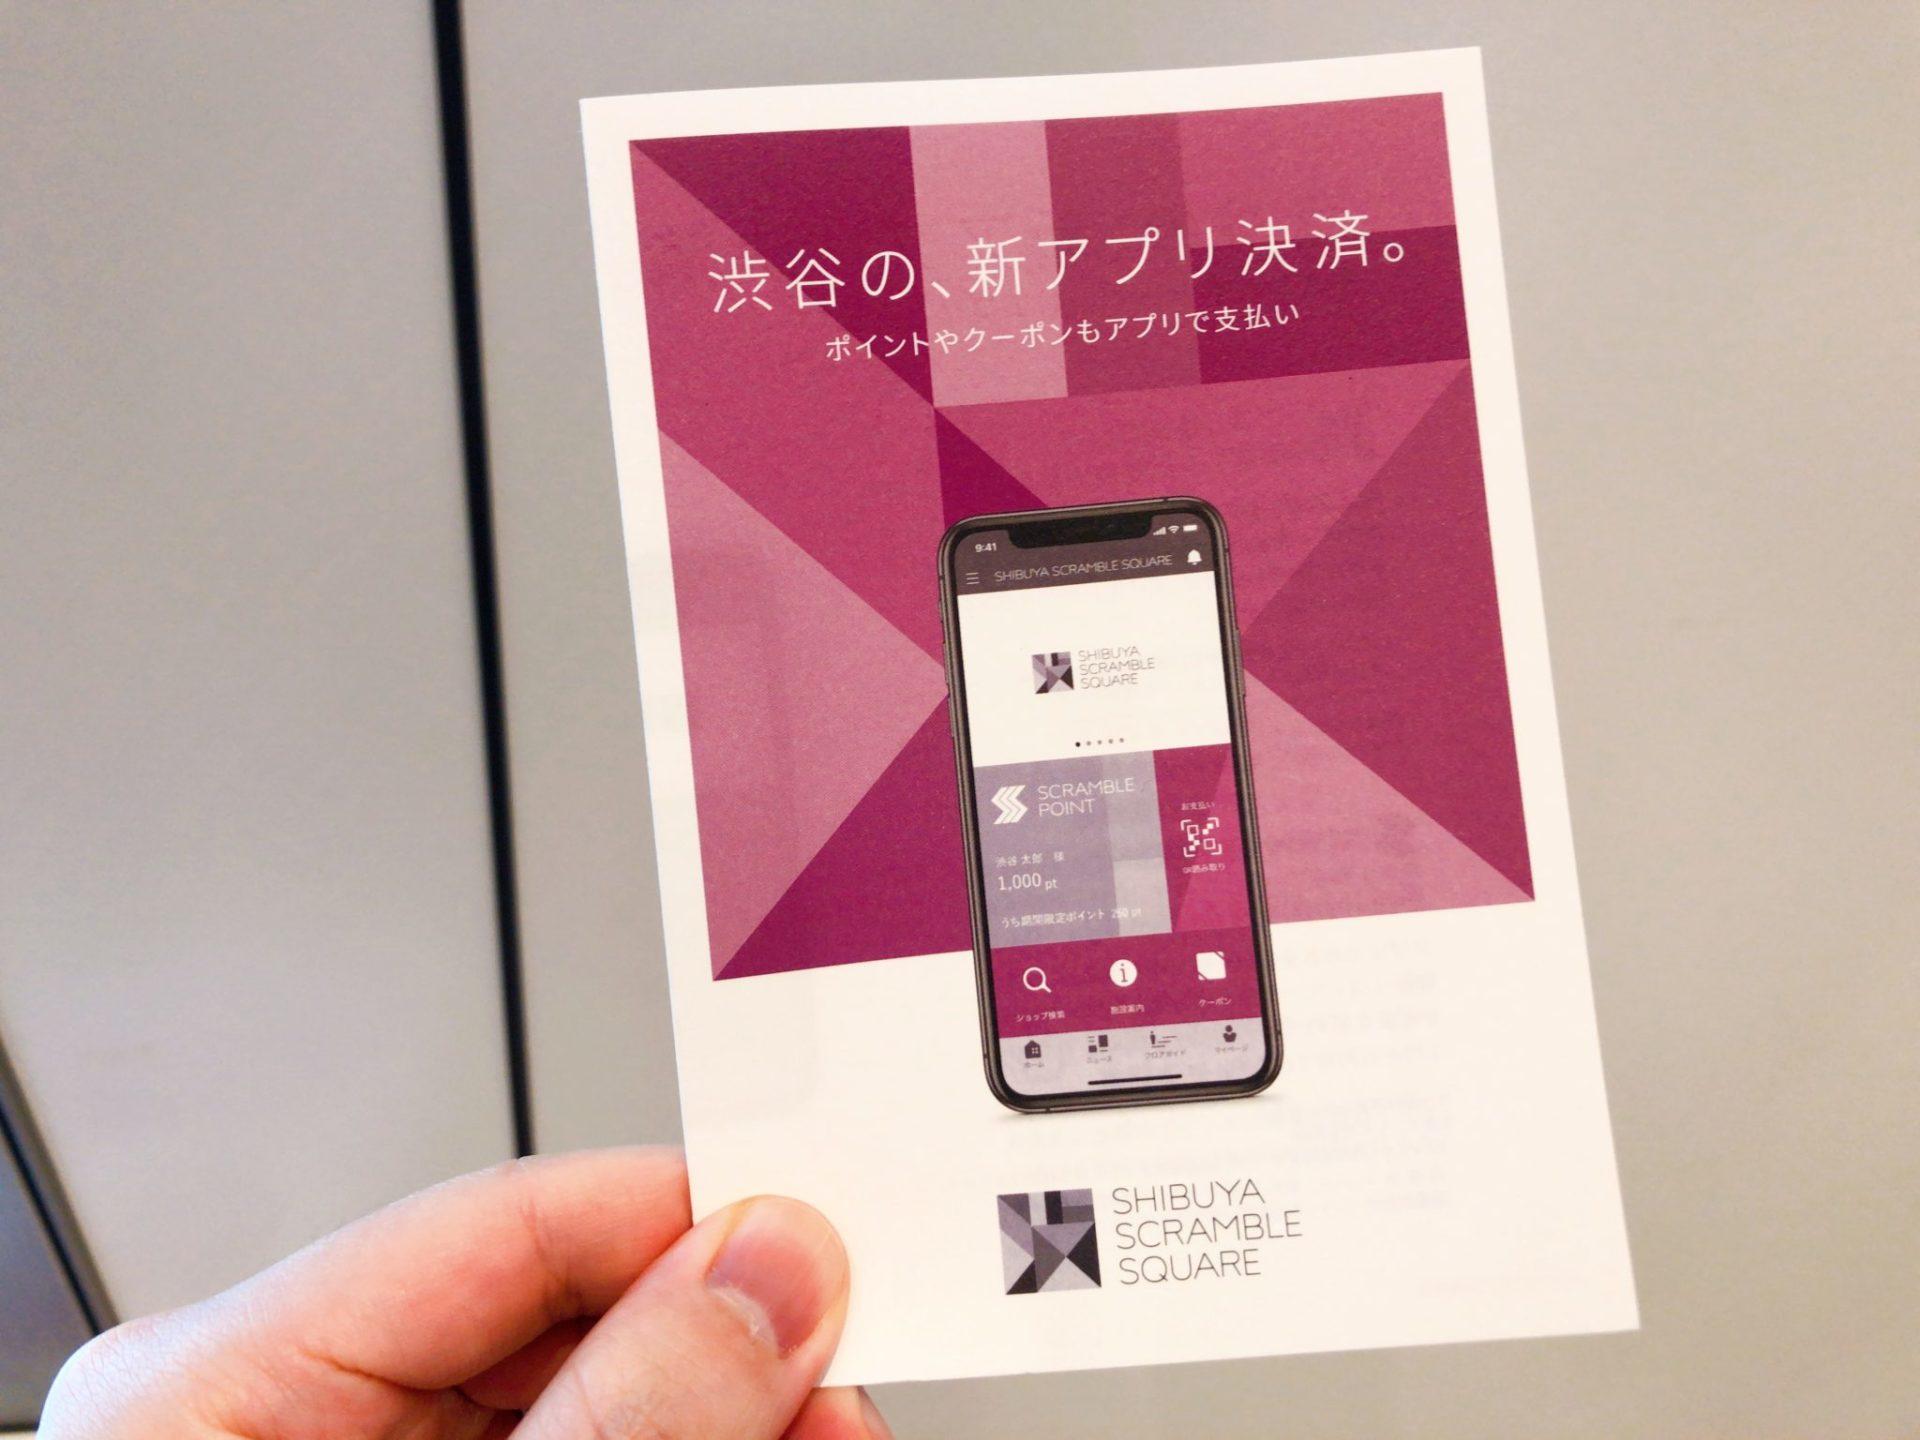 渋谷スクランブルスクエアアプリのパンフレット